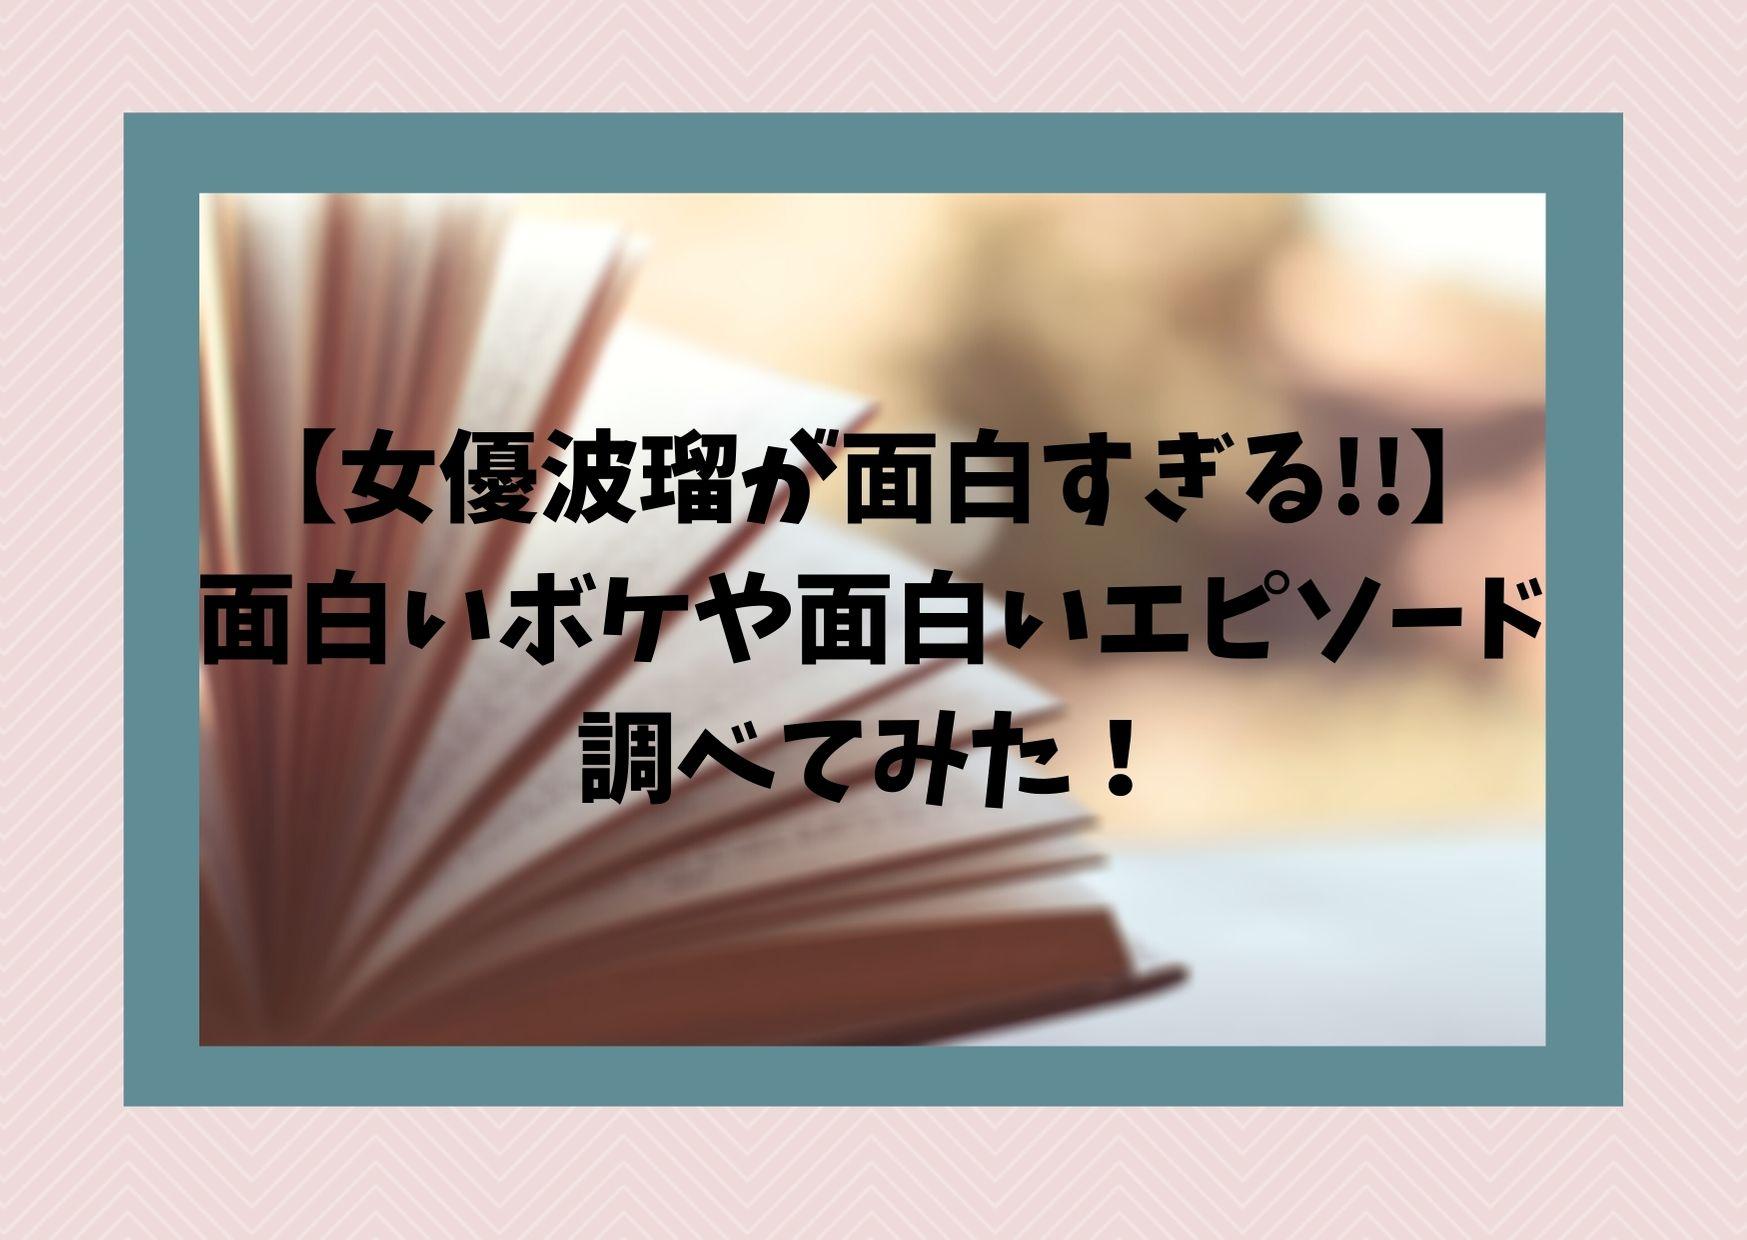 【女優波瑠が面白すぎる!!】面白いボケや面白いエピソード調べてみた!